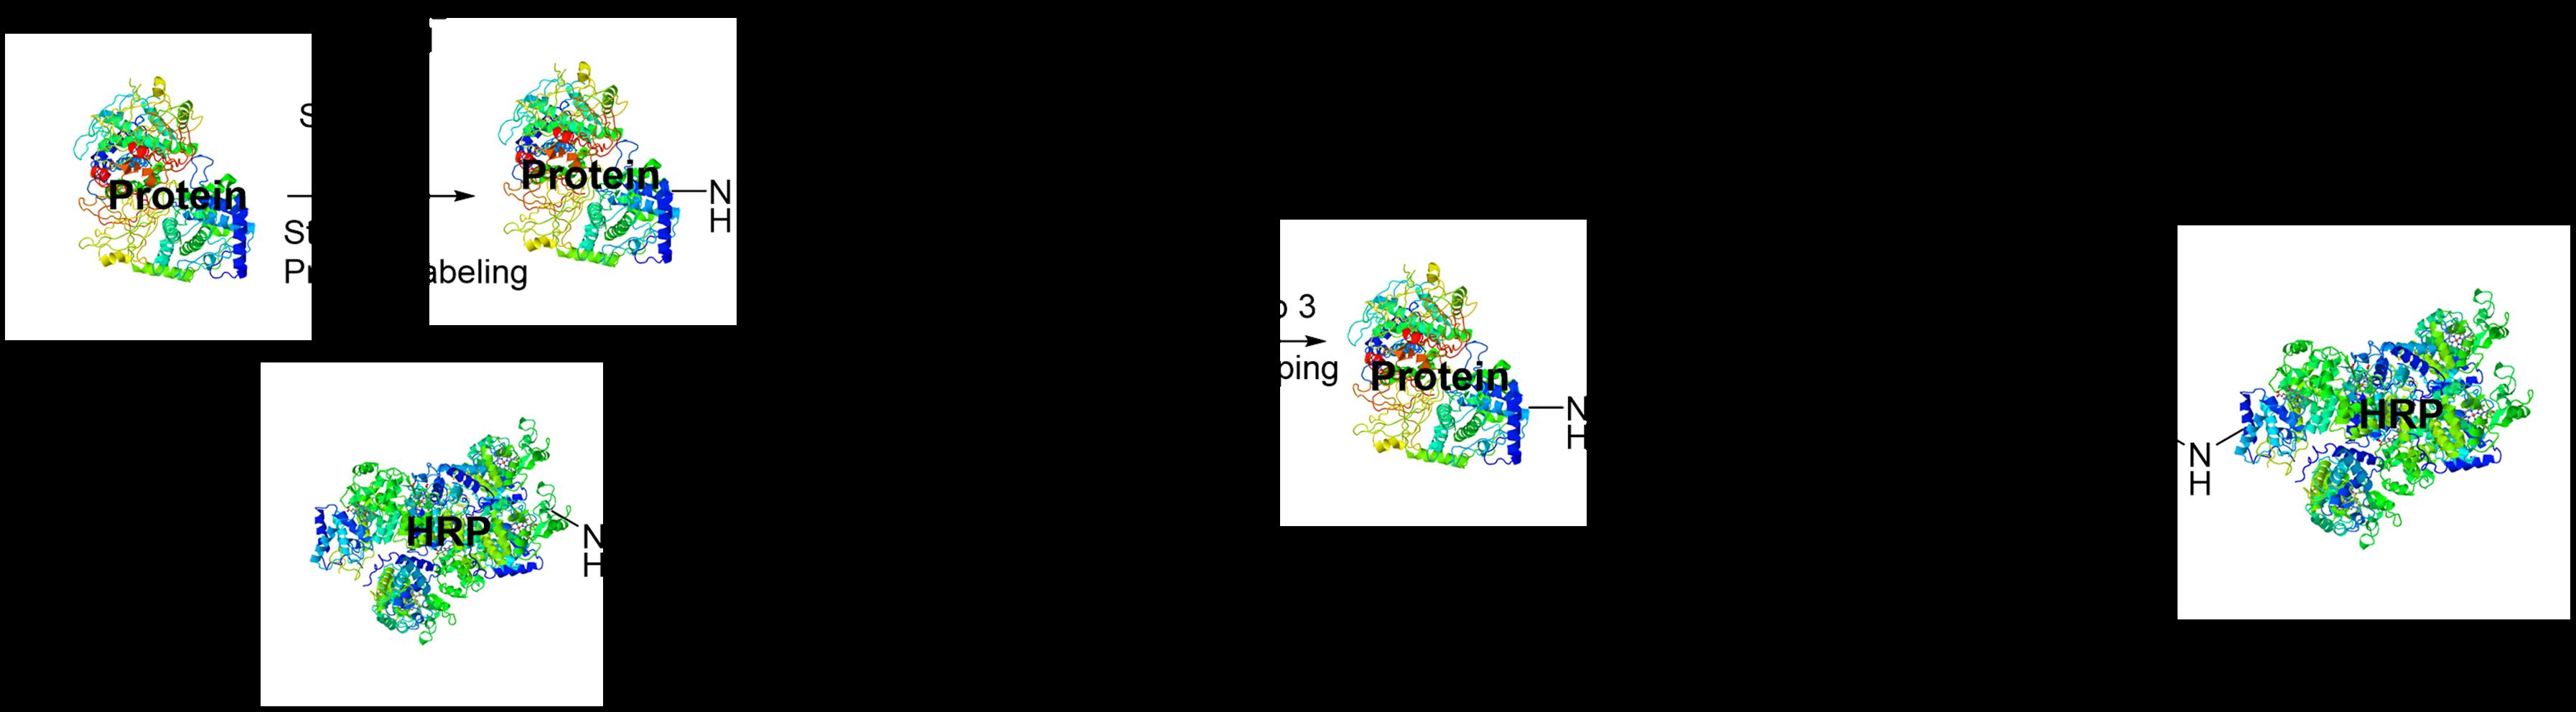 scheme-1-hrp-protein-hmw.png